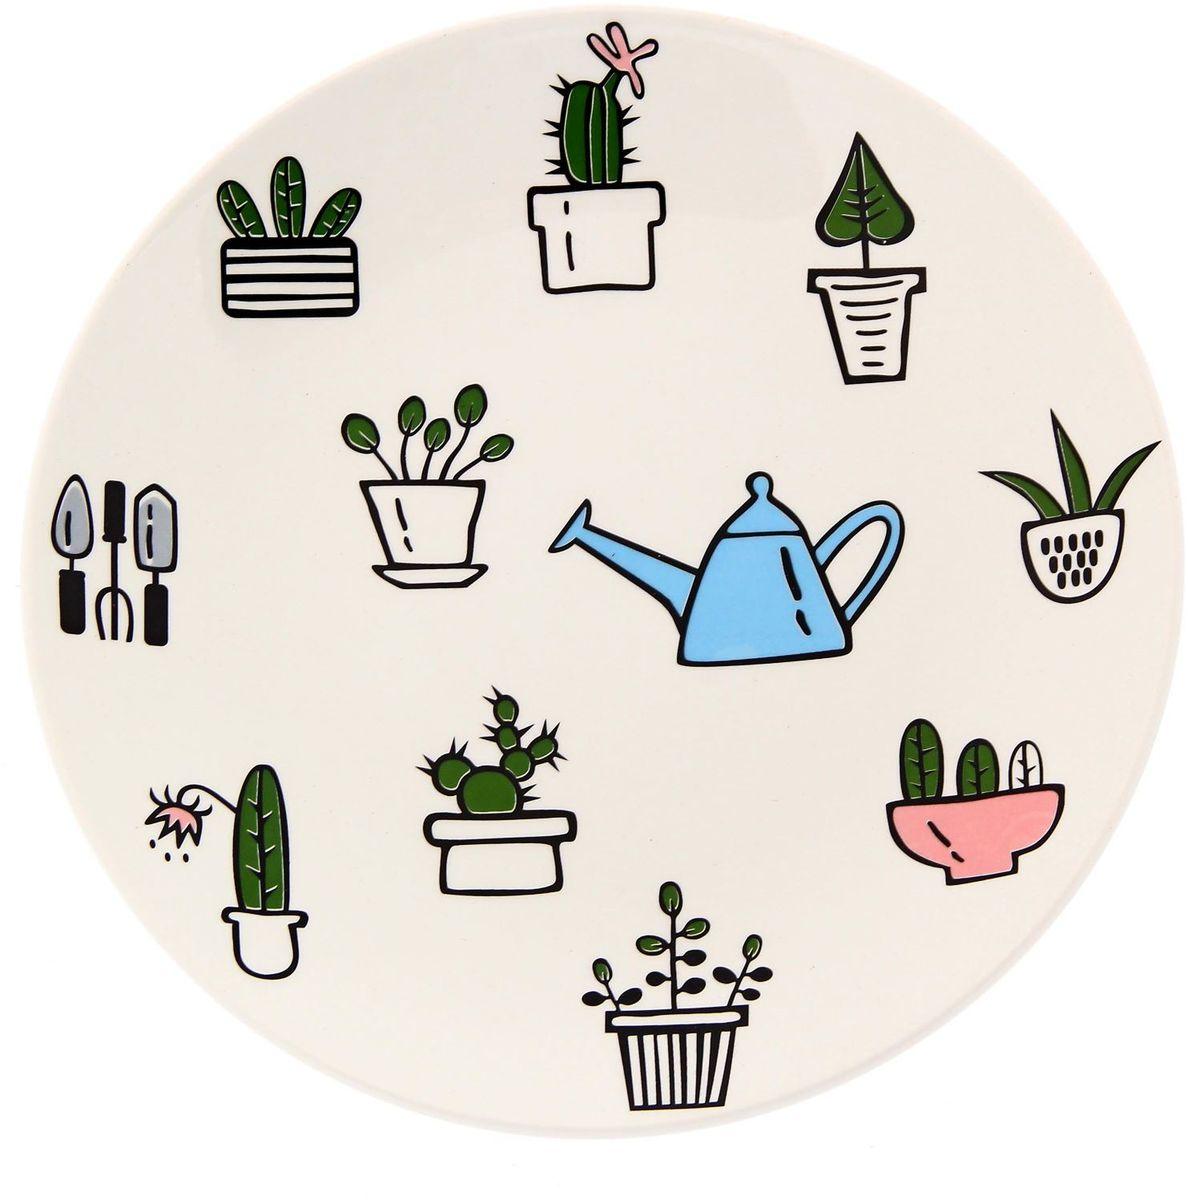 Тарелка Сотвори чудо Домашний сад, диаметр 22 см2277889Хотите обновить интерьер кухни или гостиной? Устраиваете необычную фотосессию или тематический праздник? А может, просто ищете подарок для близкого человека? Посуда Сотвори Чудо — правильный выбор в любой ситуации. Тарелка Сотвори Чудо, изготовленная из изящного фаянса нежного сливочного цвета, оформлена оригинальным рисунком со стойкой краской. Пригодна для посудомоечной машины.